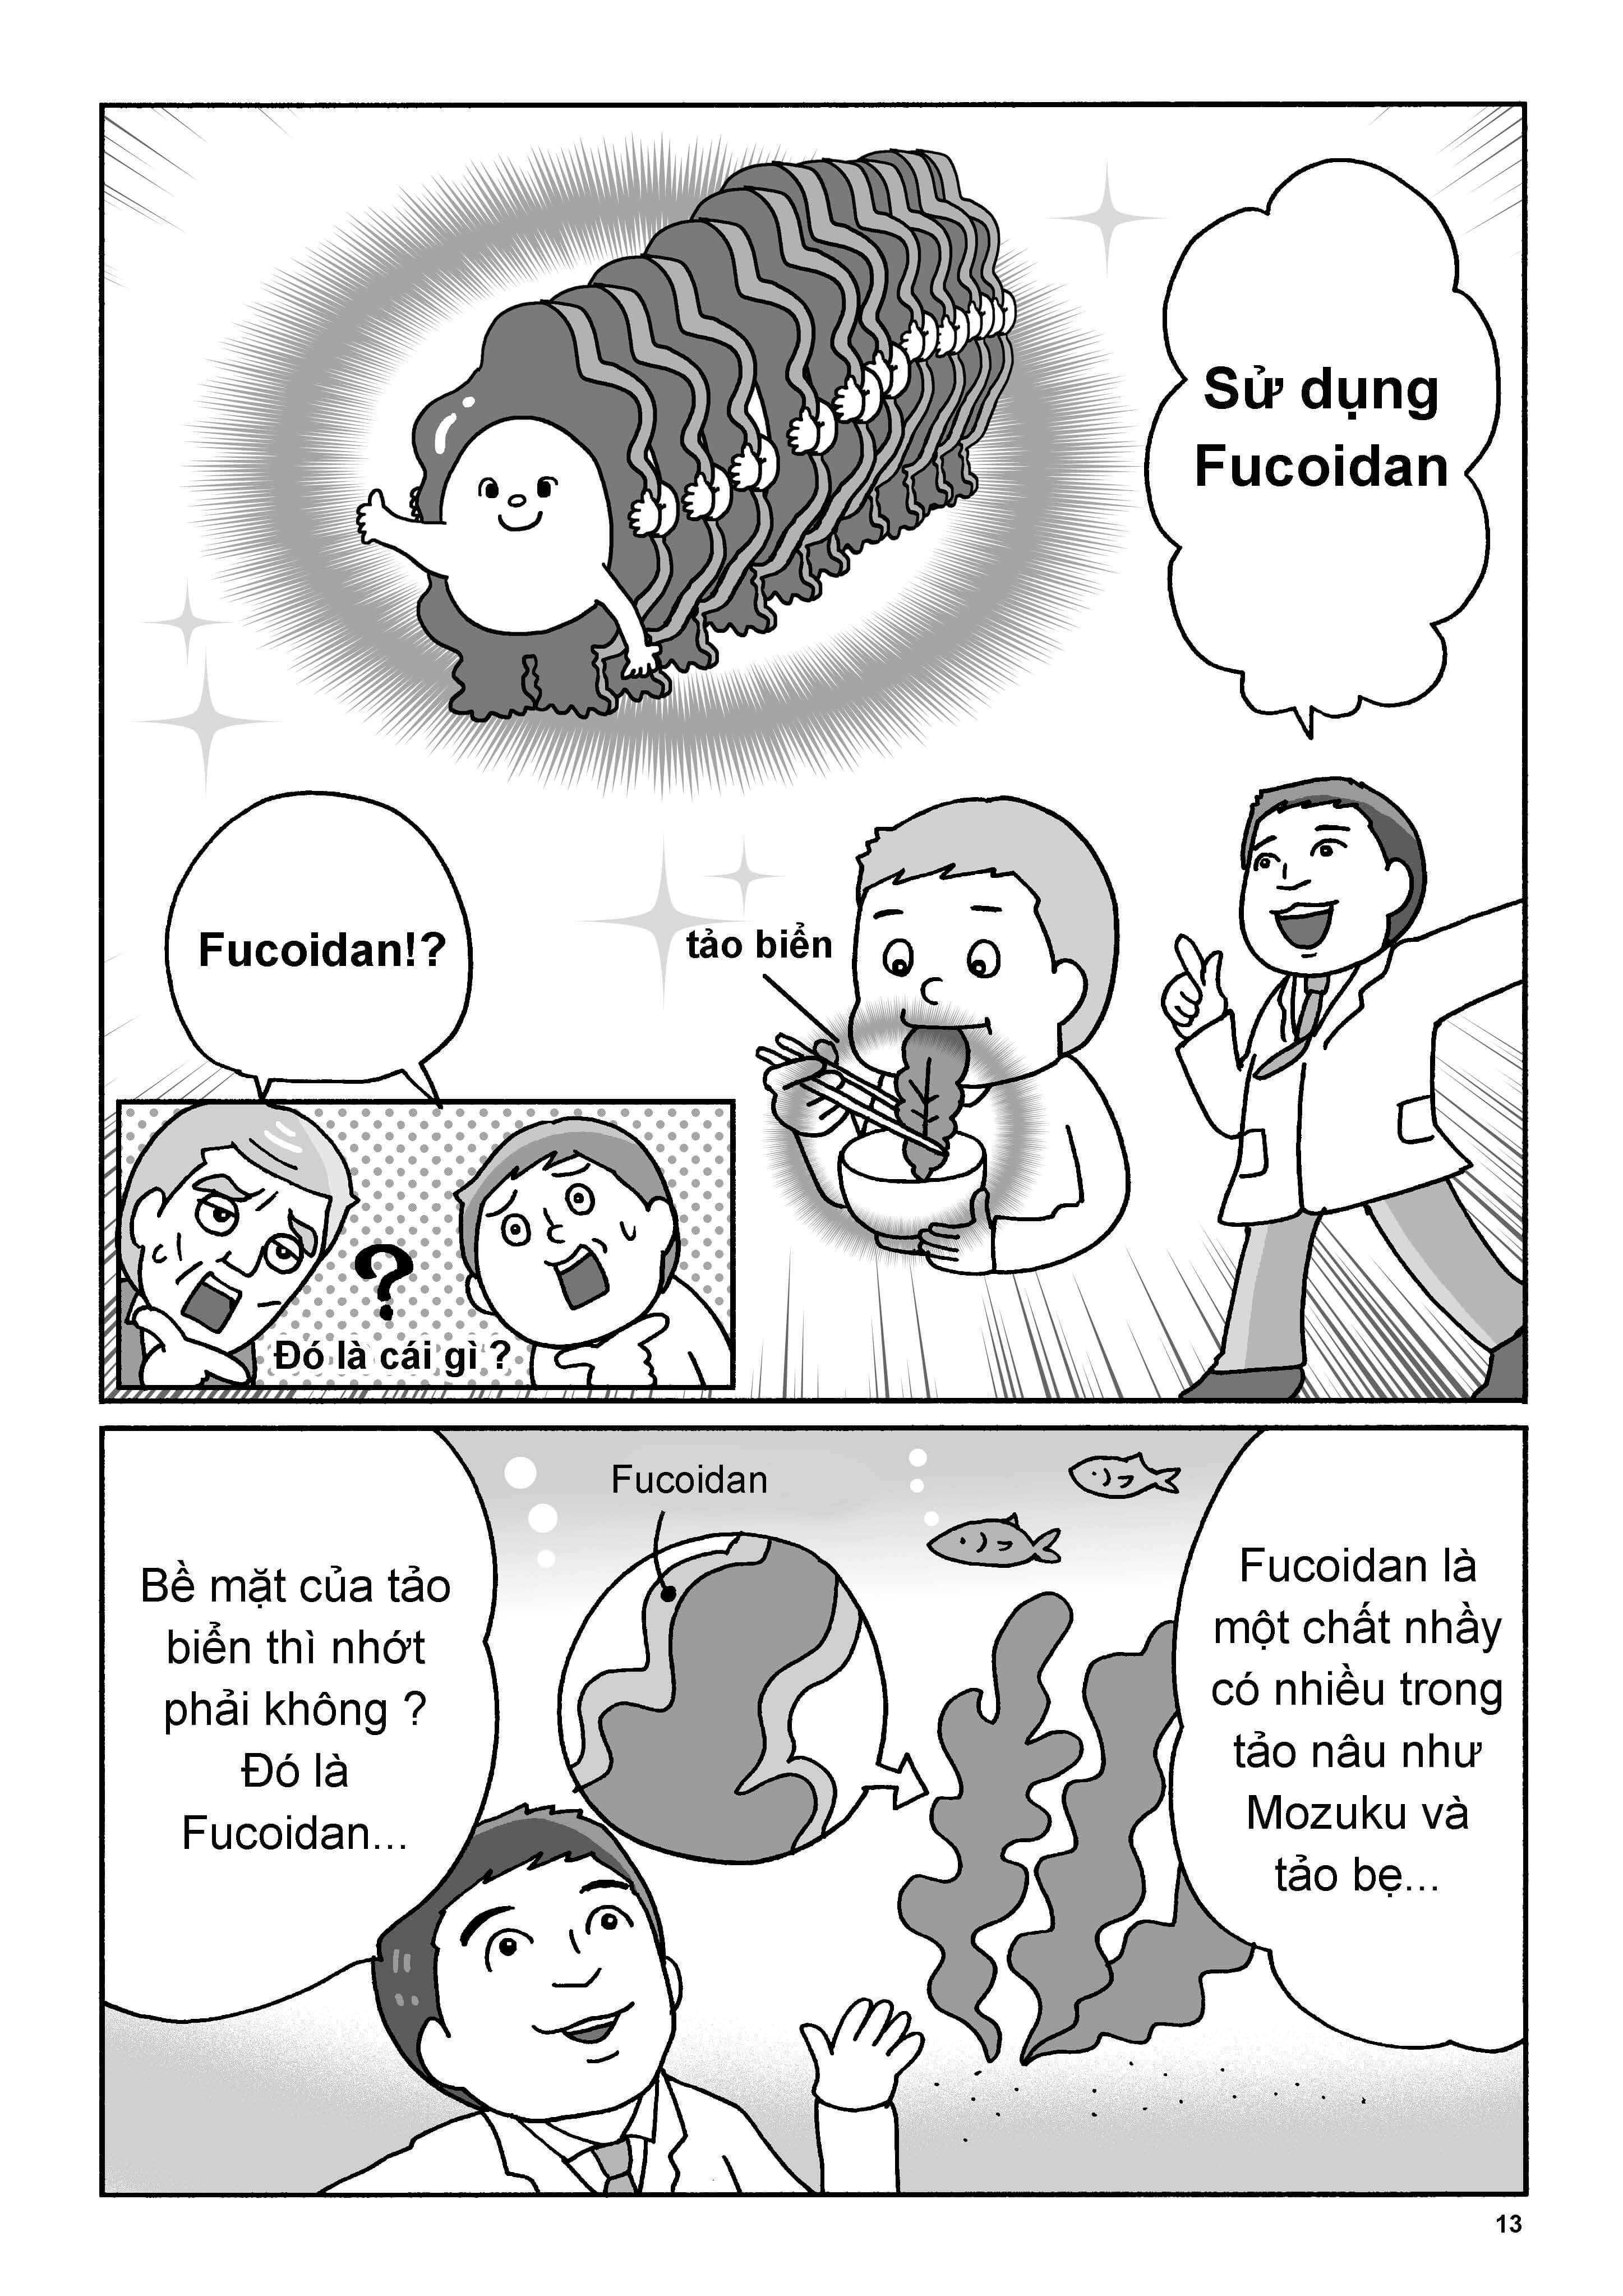 フコイダンマニュアル